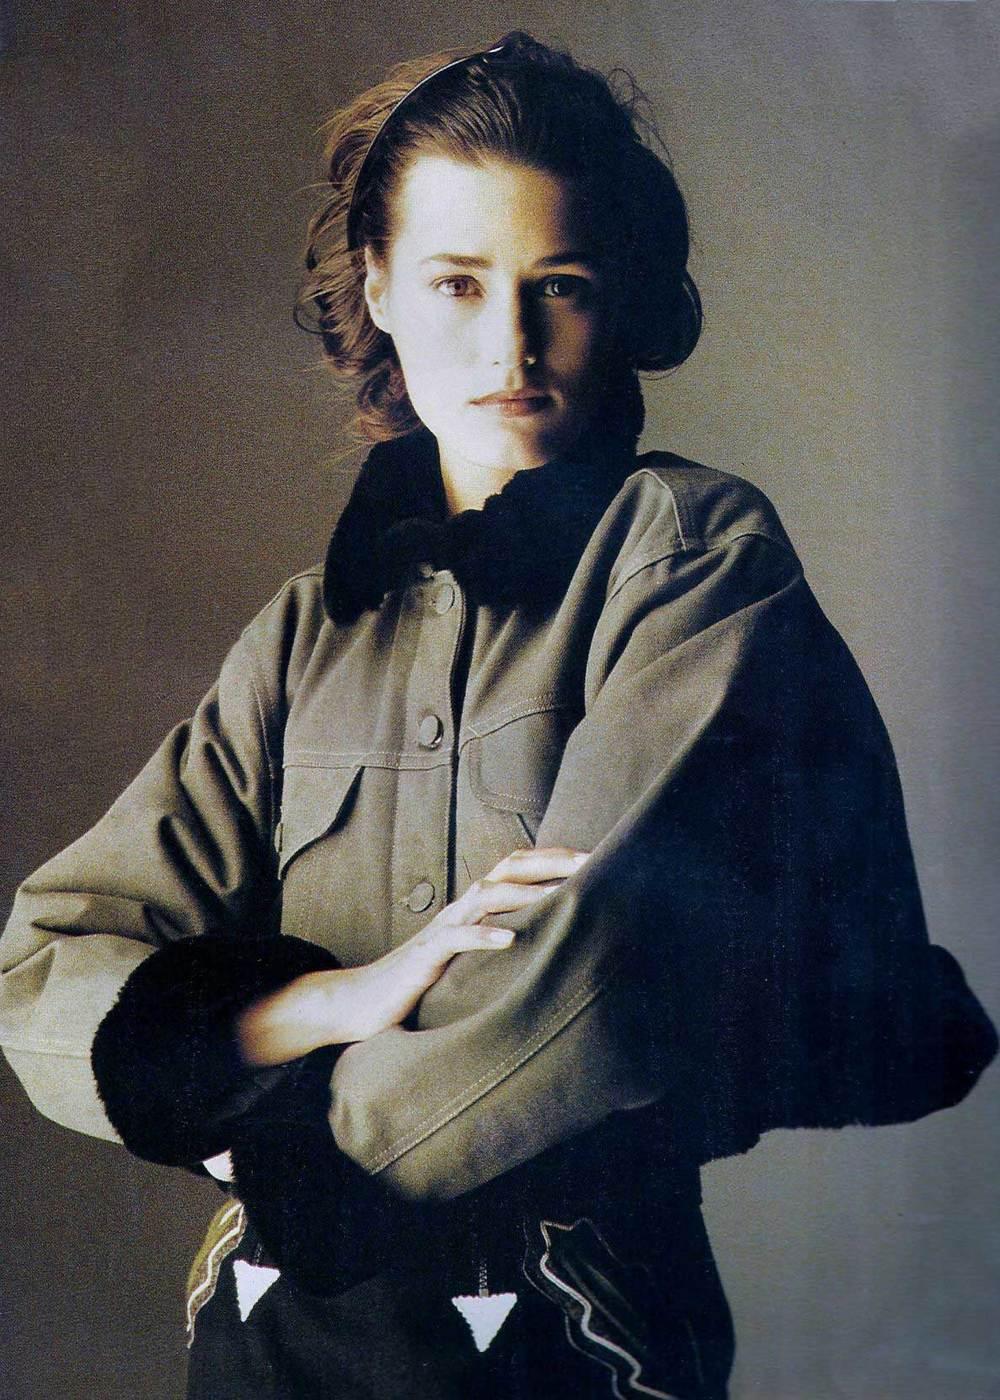 yasmin-le-bon-november-1988